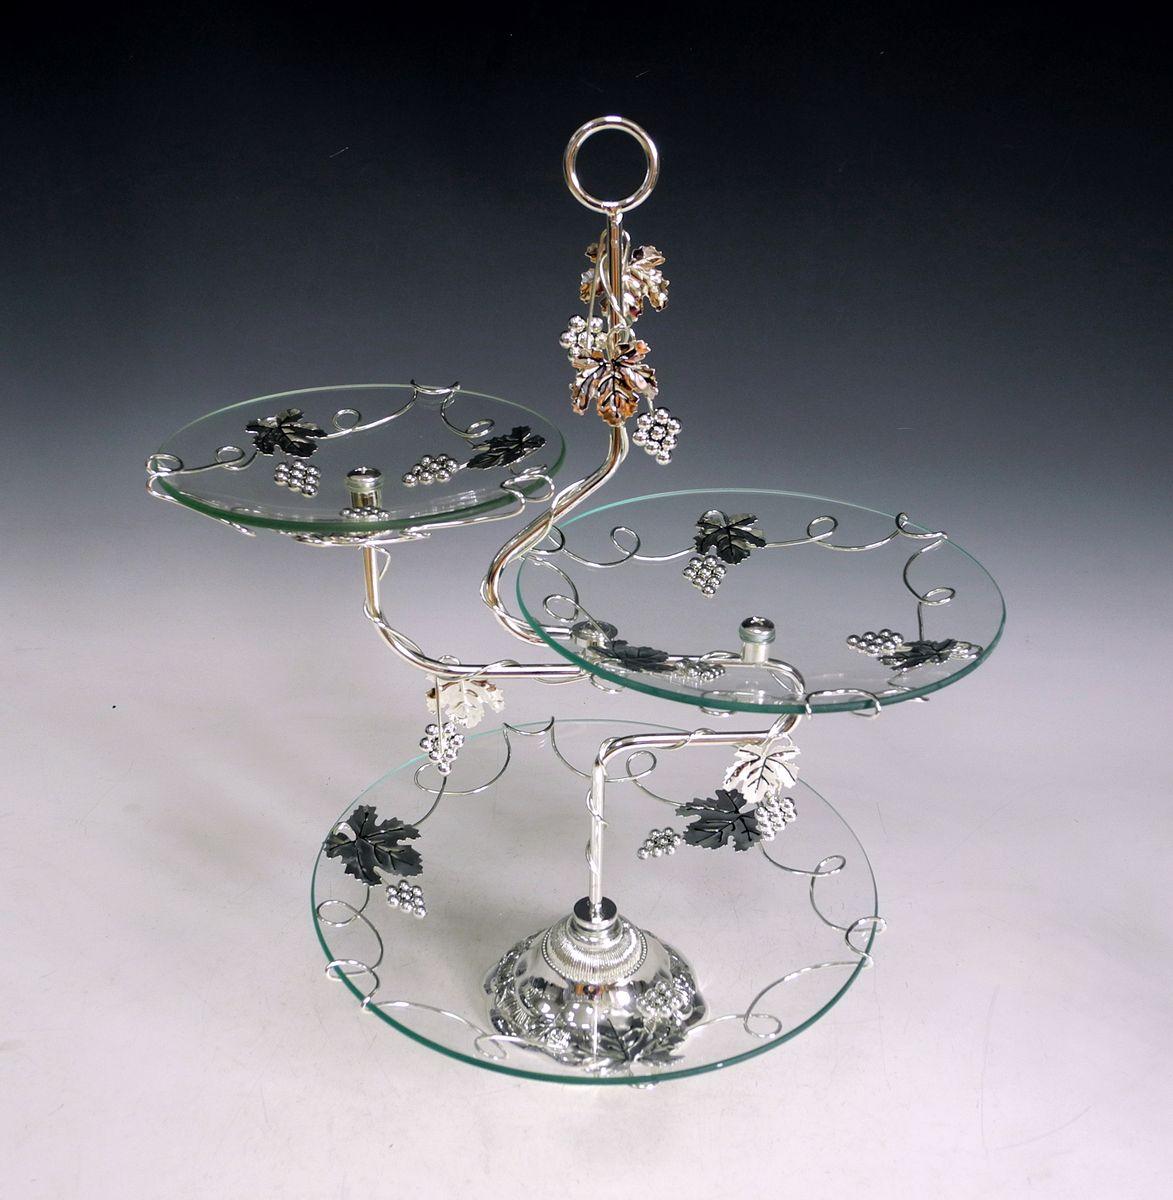 Ваза универсальная Marquis, 3 яруса. 4036-MR4036-MRЭлегантная трехъярусная ваза Marquis, выполненная из высококачественного стекла и стали с серебряно-никелевым покрытием, предназначена для красивой сервировки фруктов и конфет. Изделие украшено оригинальным рельефом и стальными гроздями винограда. Легко собирается и разбирается. Ваза Marquis украсит сервировку вашего стола и подчеркнет прекрасный вкус хозяина, а также станет отличным подарком. Диаметр большого блюда: 29,5 см. Диаметр среднего блюда: 23 см.Диаметр малого блюда: 18,5 см.Высота вазы: 49 см.